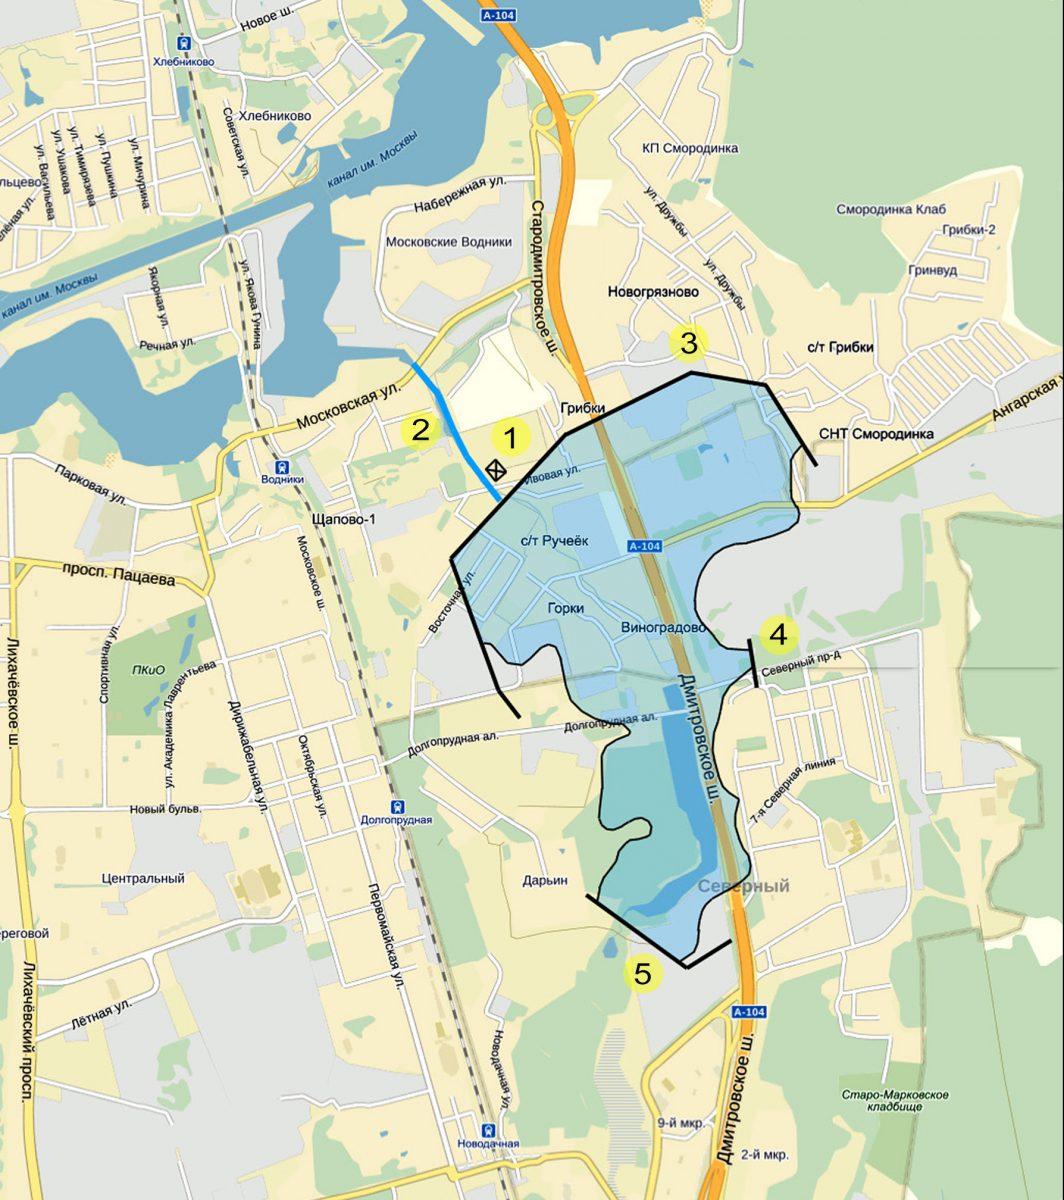 Реконструкция Долгопрудненского водохранилища на современной карте.